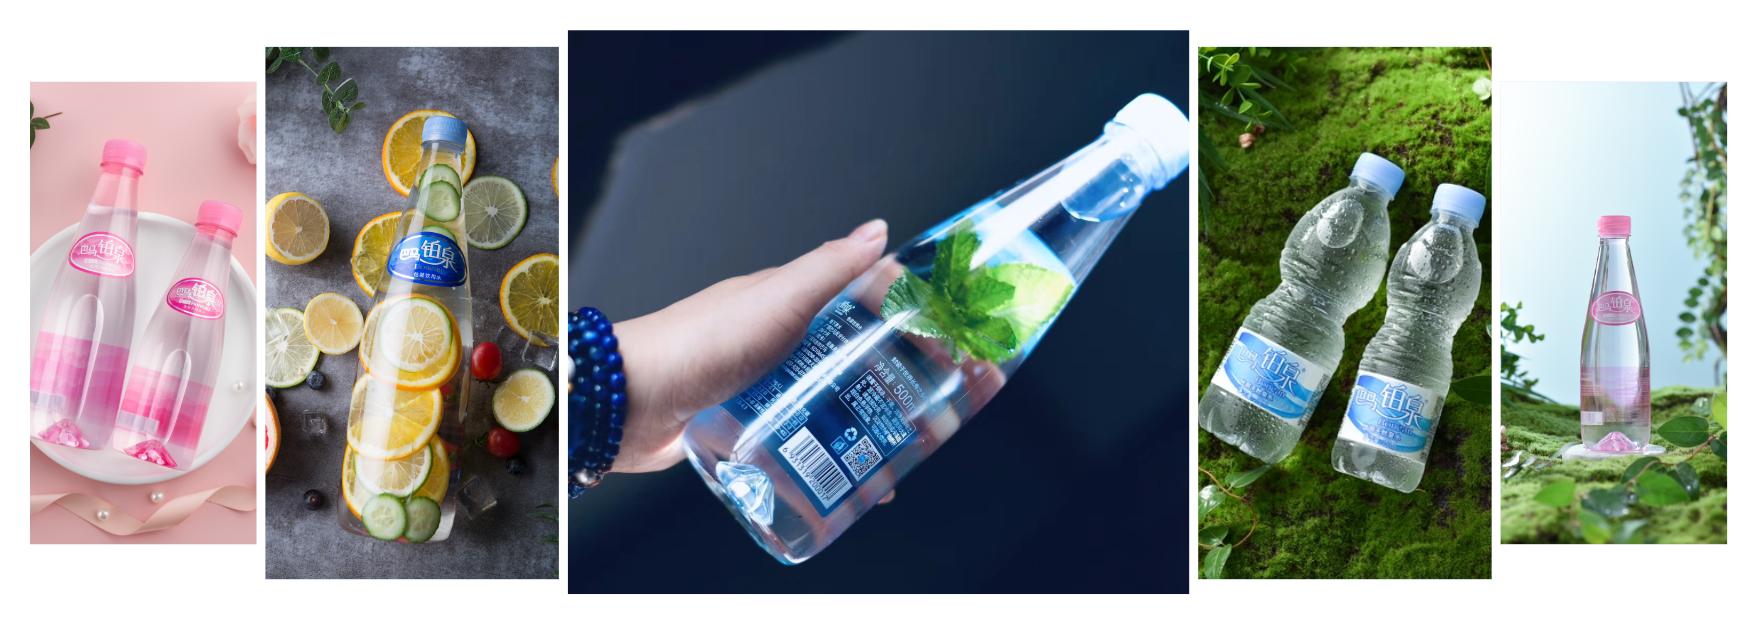 只要瓶子好看,我也爱喝水!